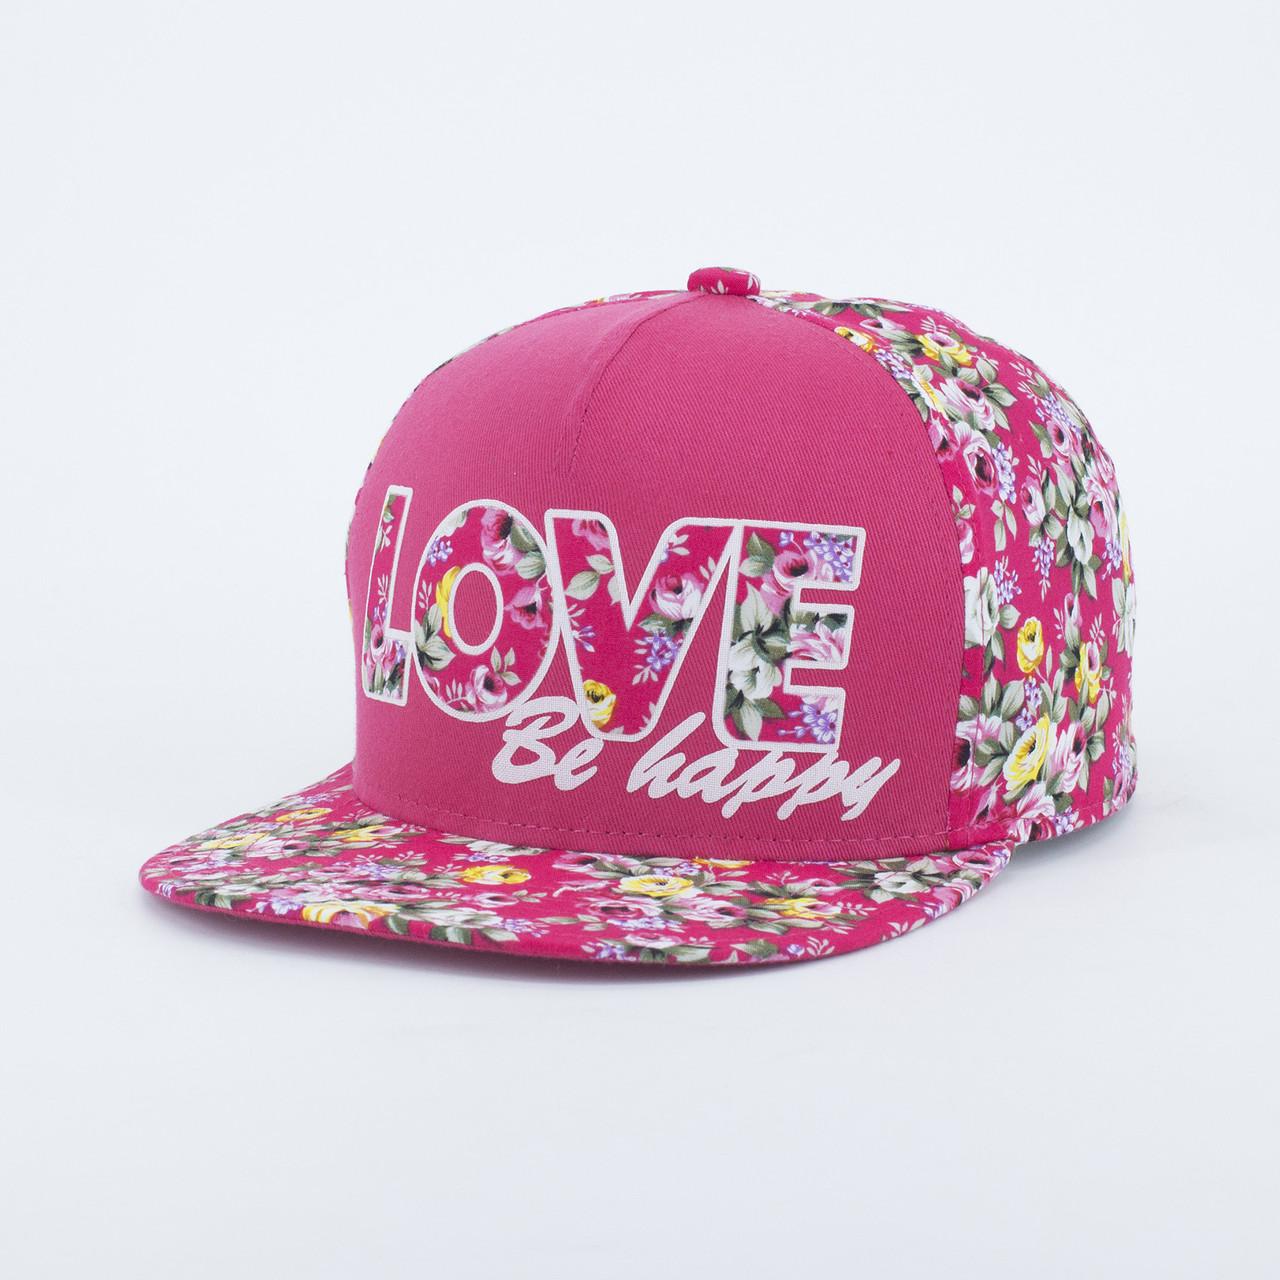 Детская кепка бейсболка для девочки INAL love XS / 51-52 RU Розовый 175651